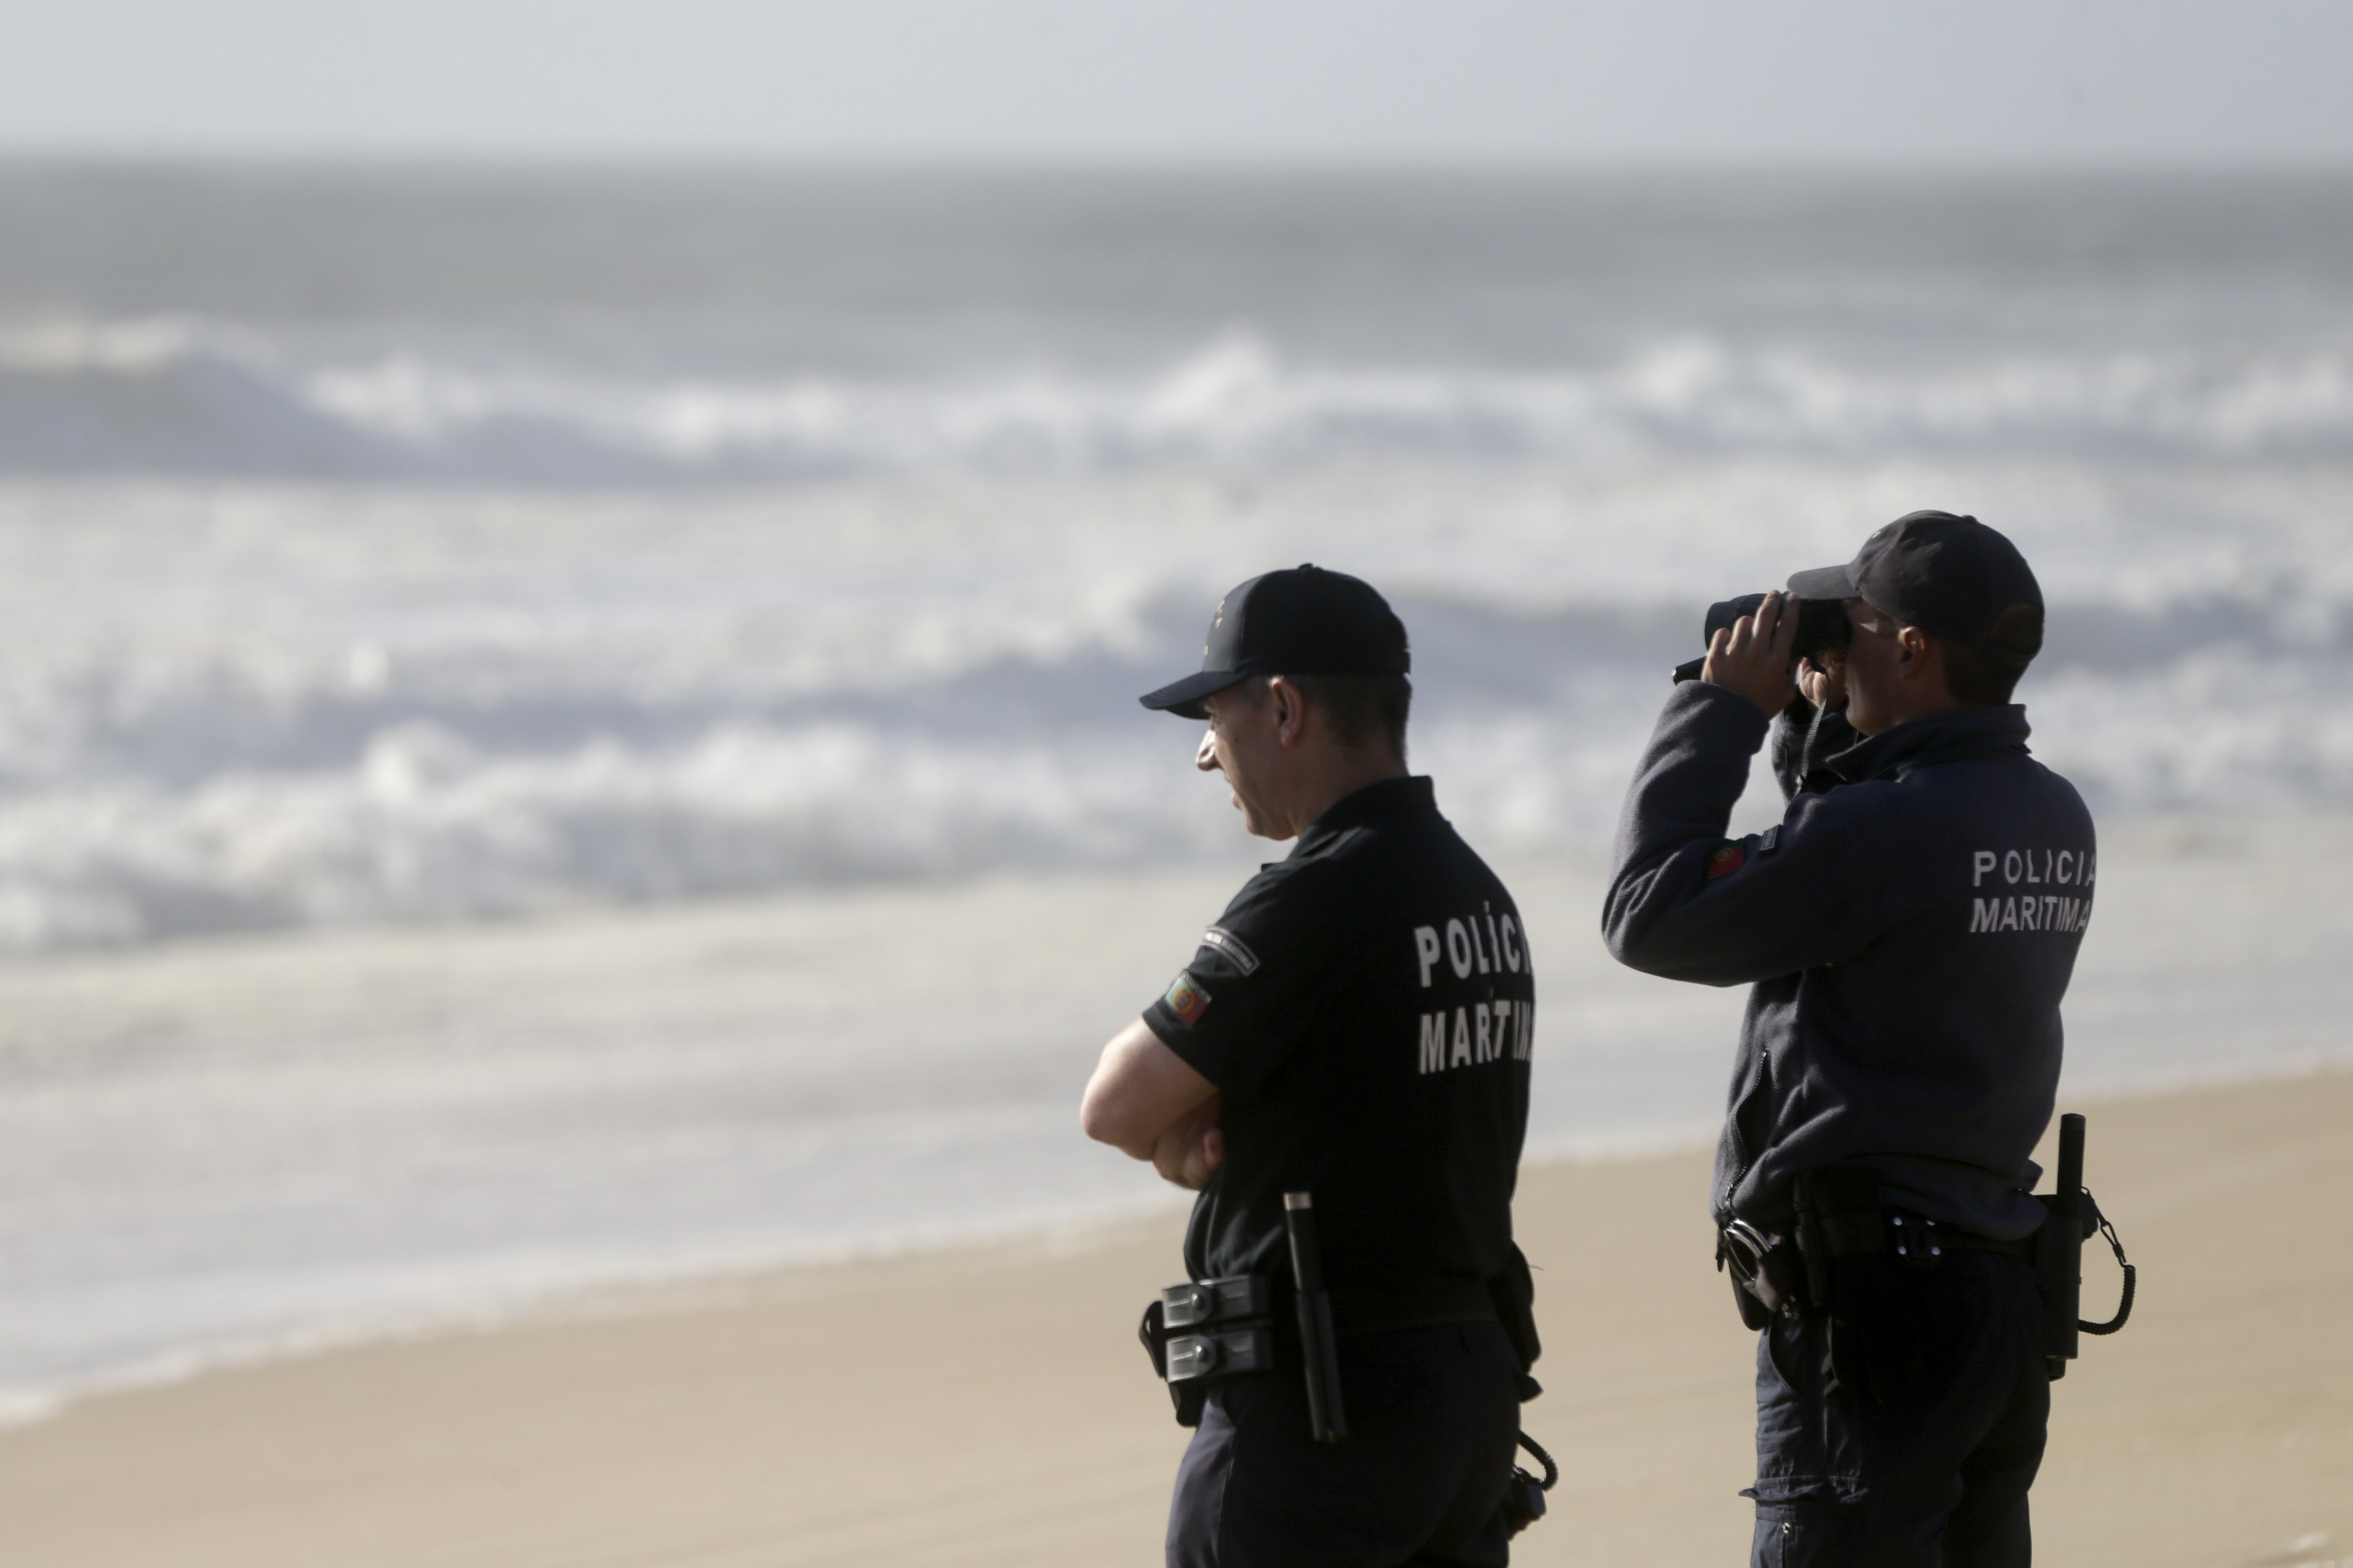 Golfinho encontrado já cadáver em praia de Sines